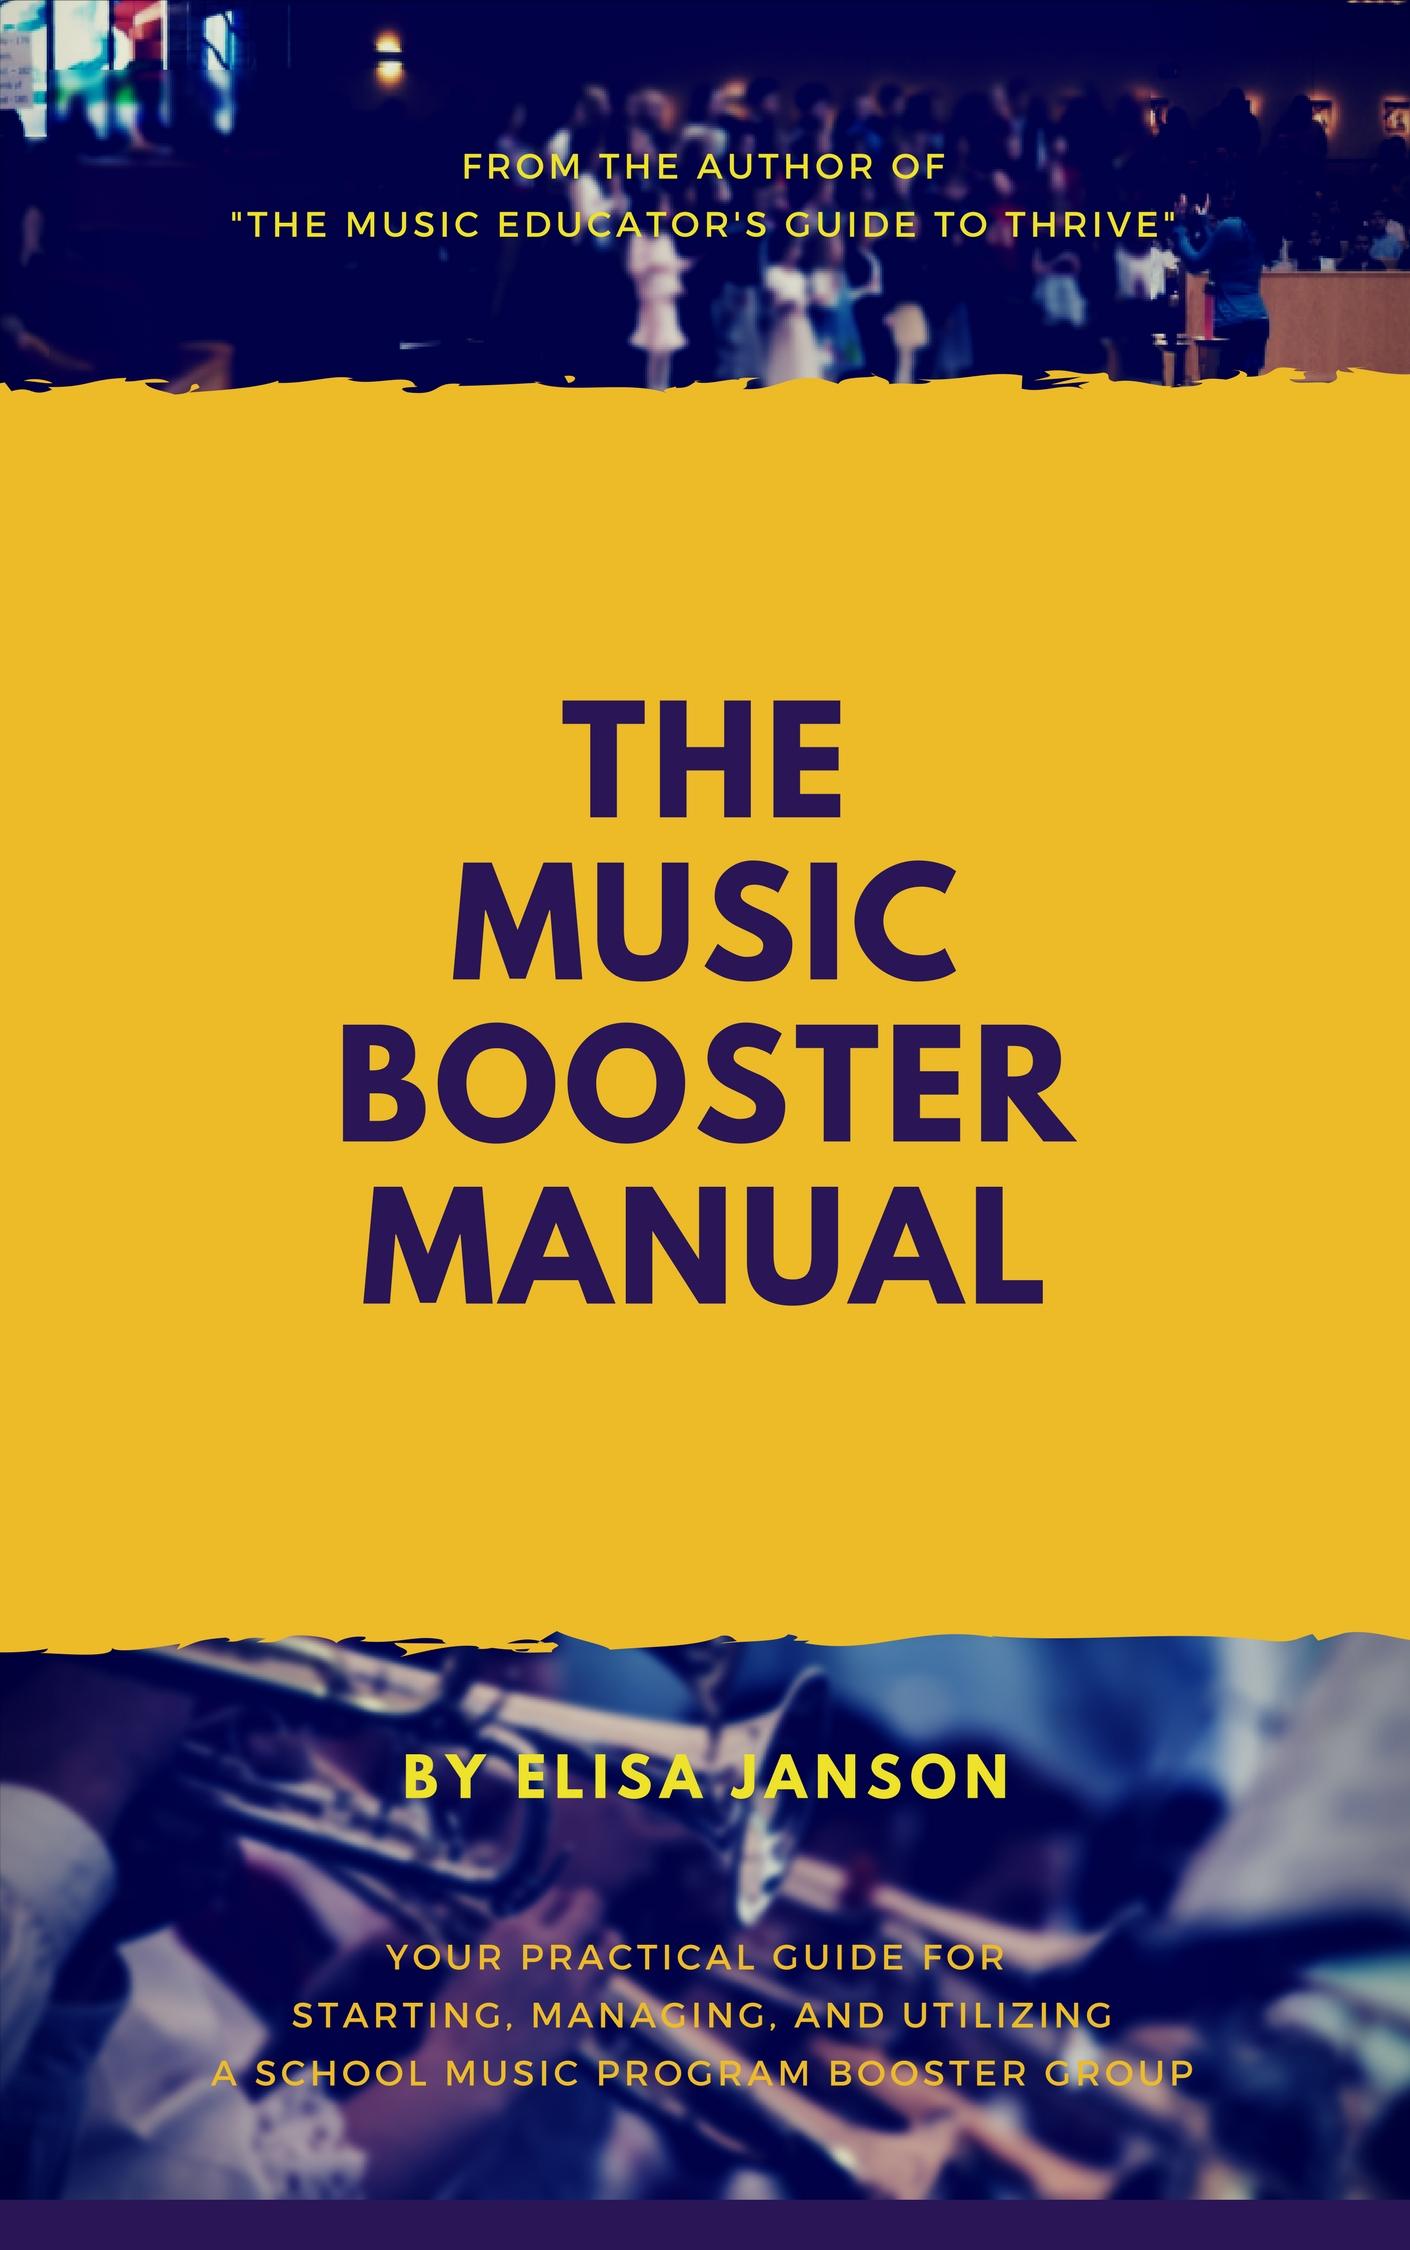 FREE eBook Download - by Elisa Janson JonesCLICK HERE TO DOWNLOAD